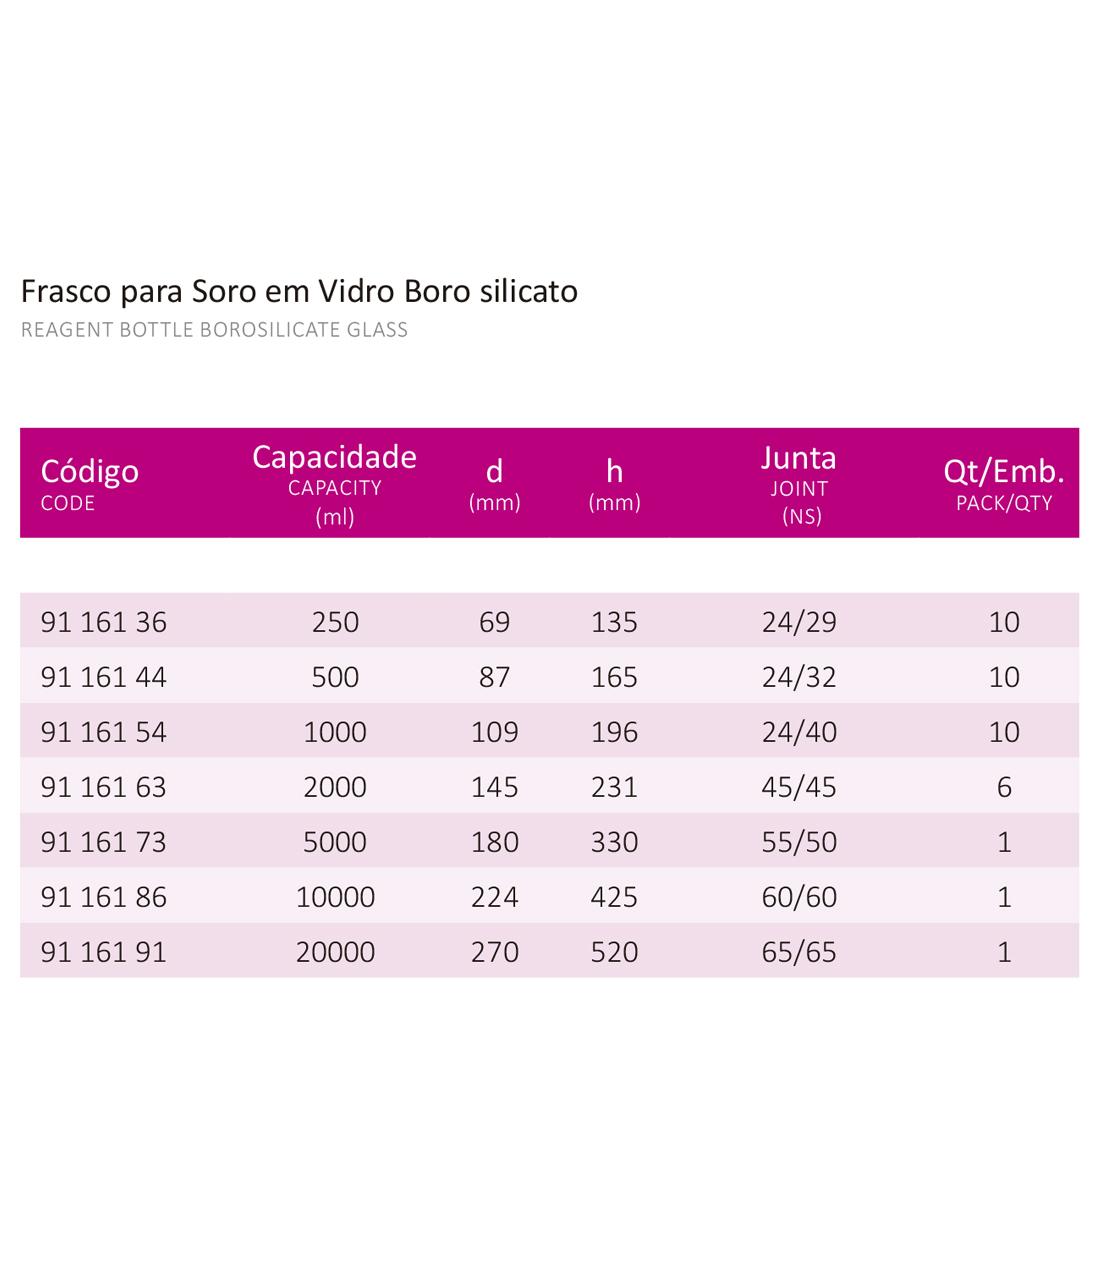 FRASCO P/ SORO BOROSILICATO C/ROLHA 10000 ML - Laborglas - Cód. 9116186